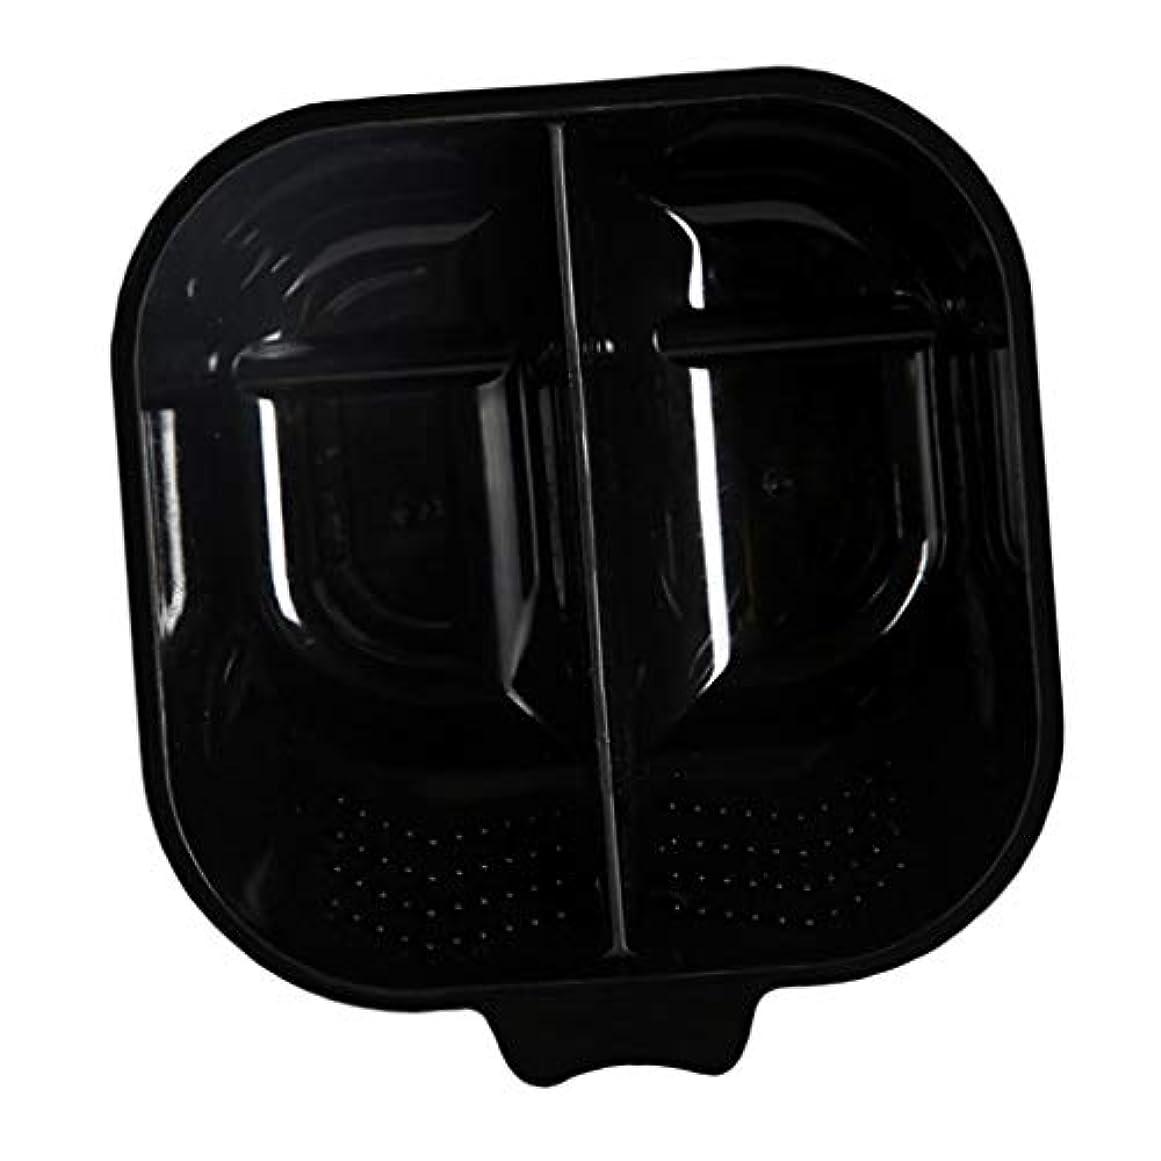 ステンレス怪しいネクタイヘアカラーリング用品 ヘアカラーボウル ヘアカラープレート 毛染め 染料 混ぜる サロン プロ用品 - ブラック